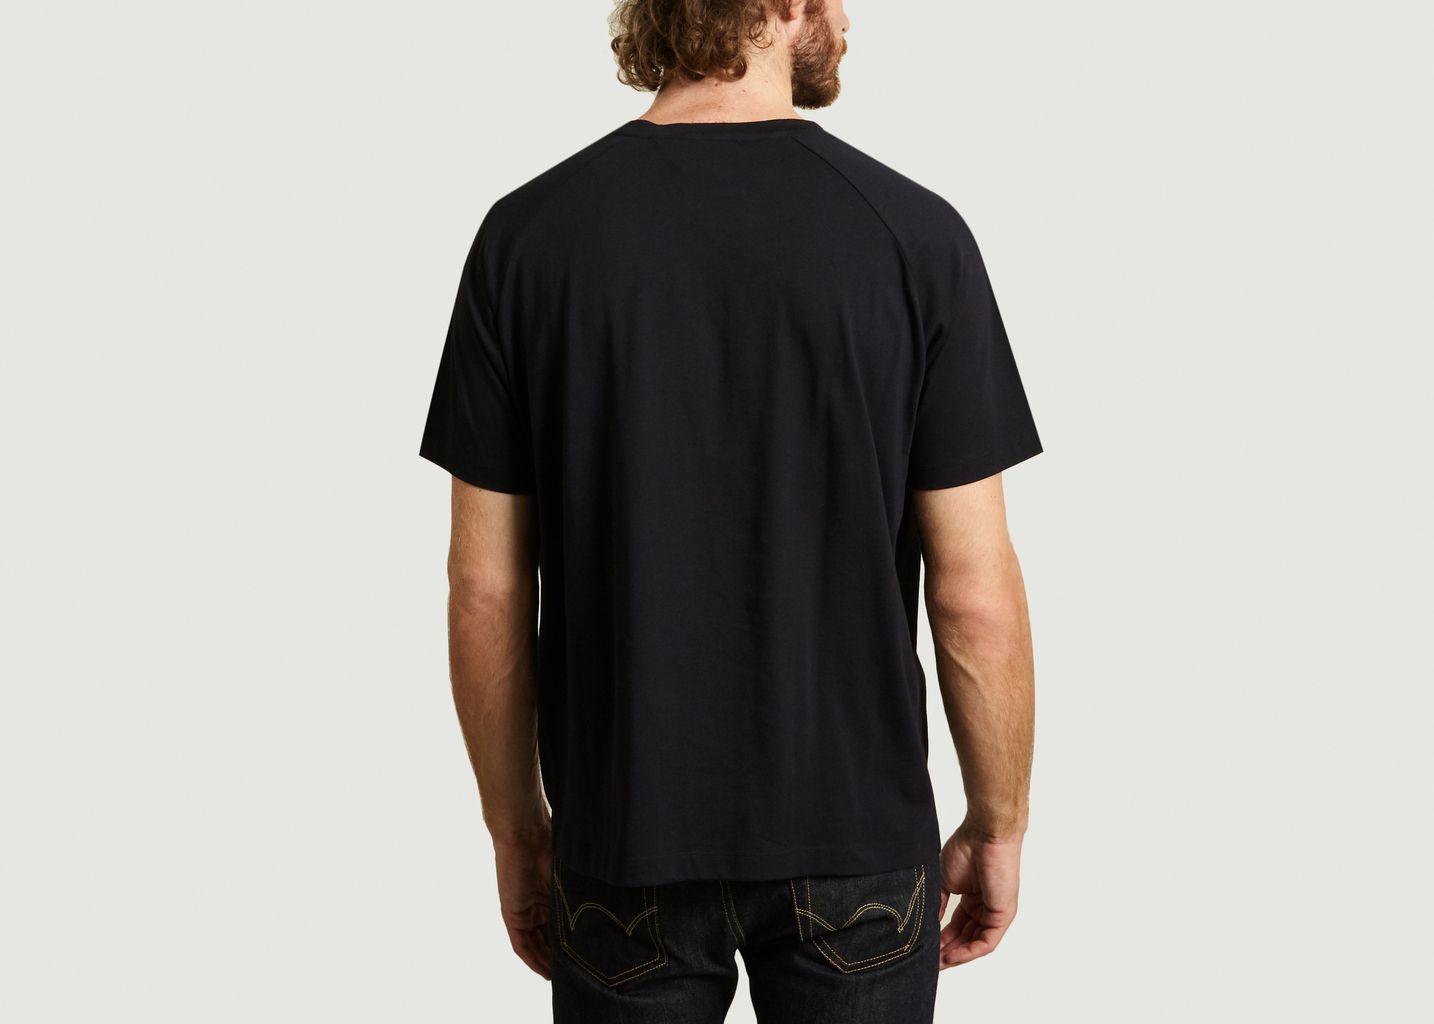 T-shirt Pocket - Essentiel Antwerp